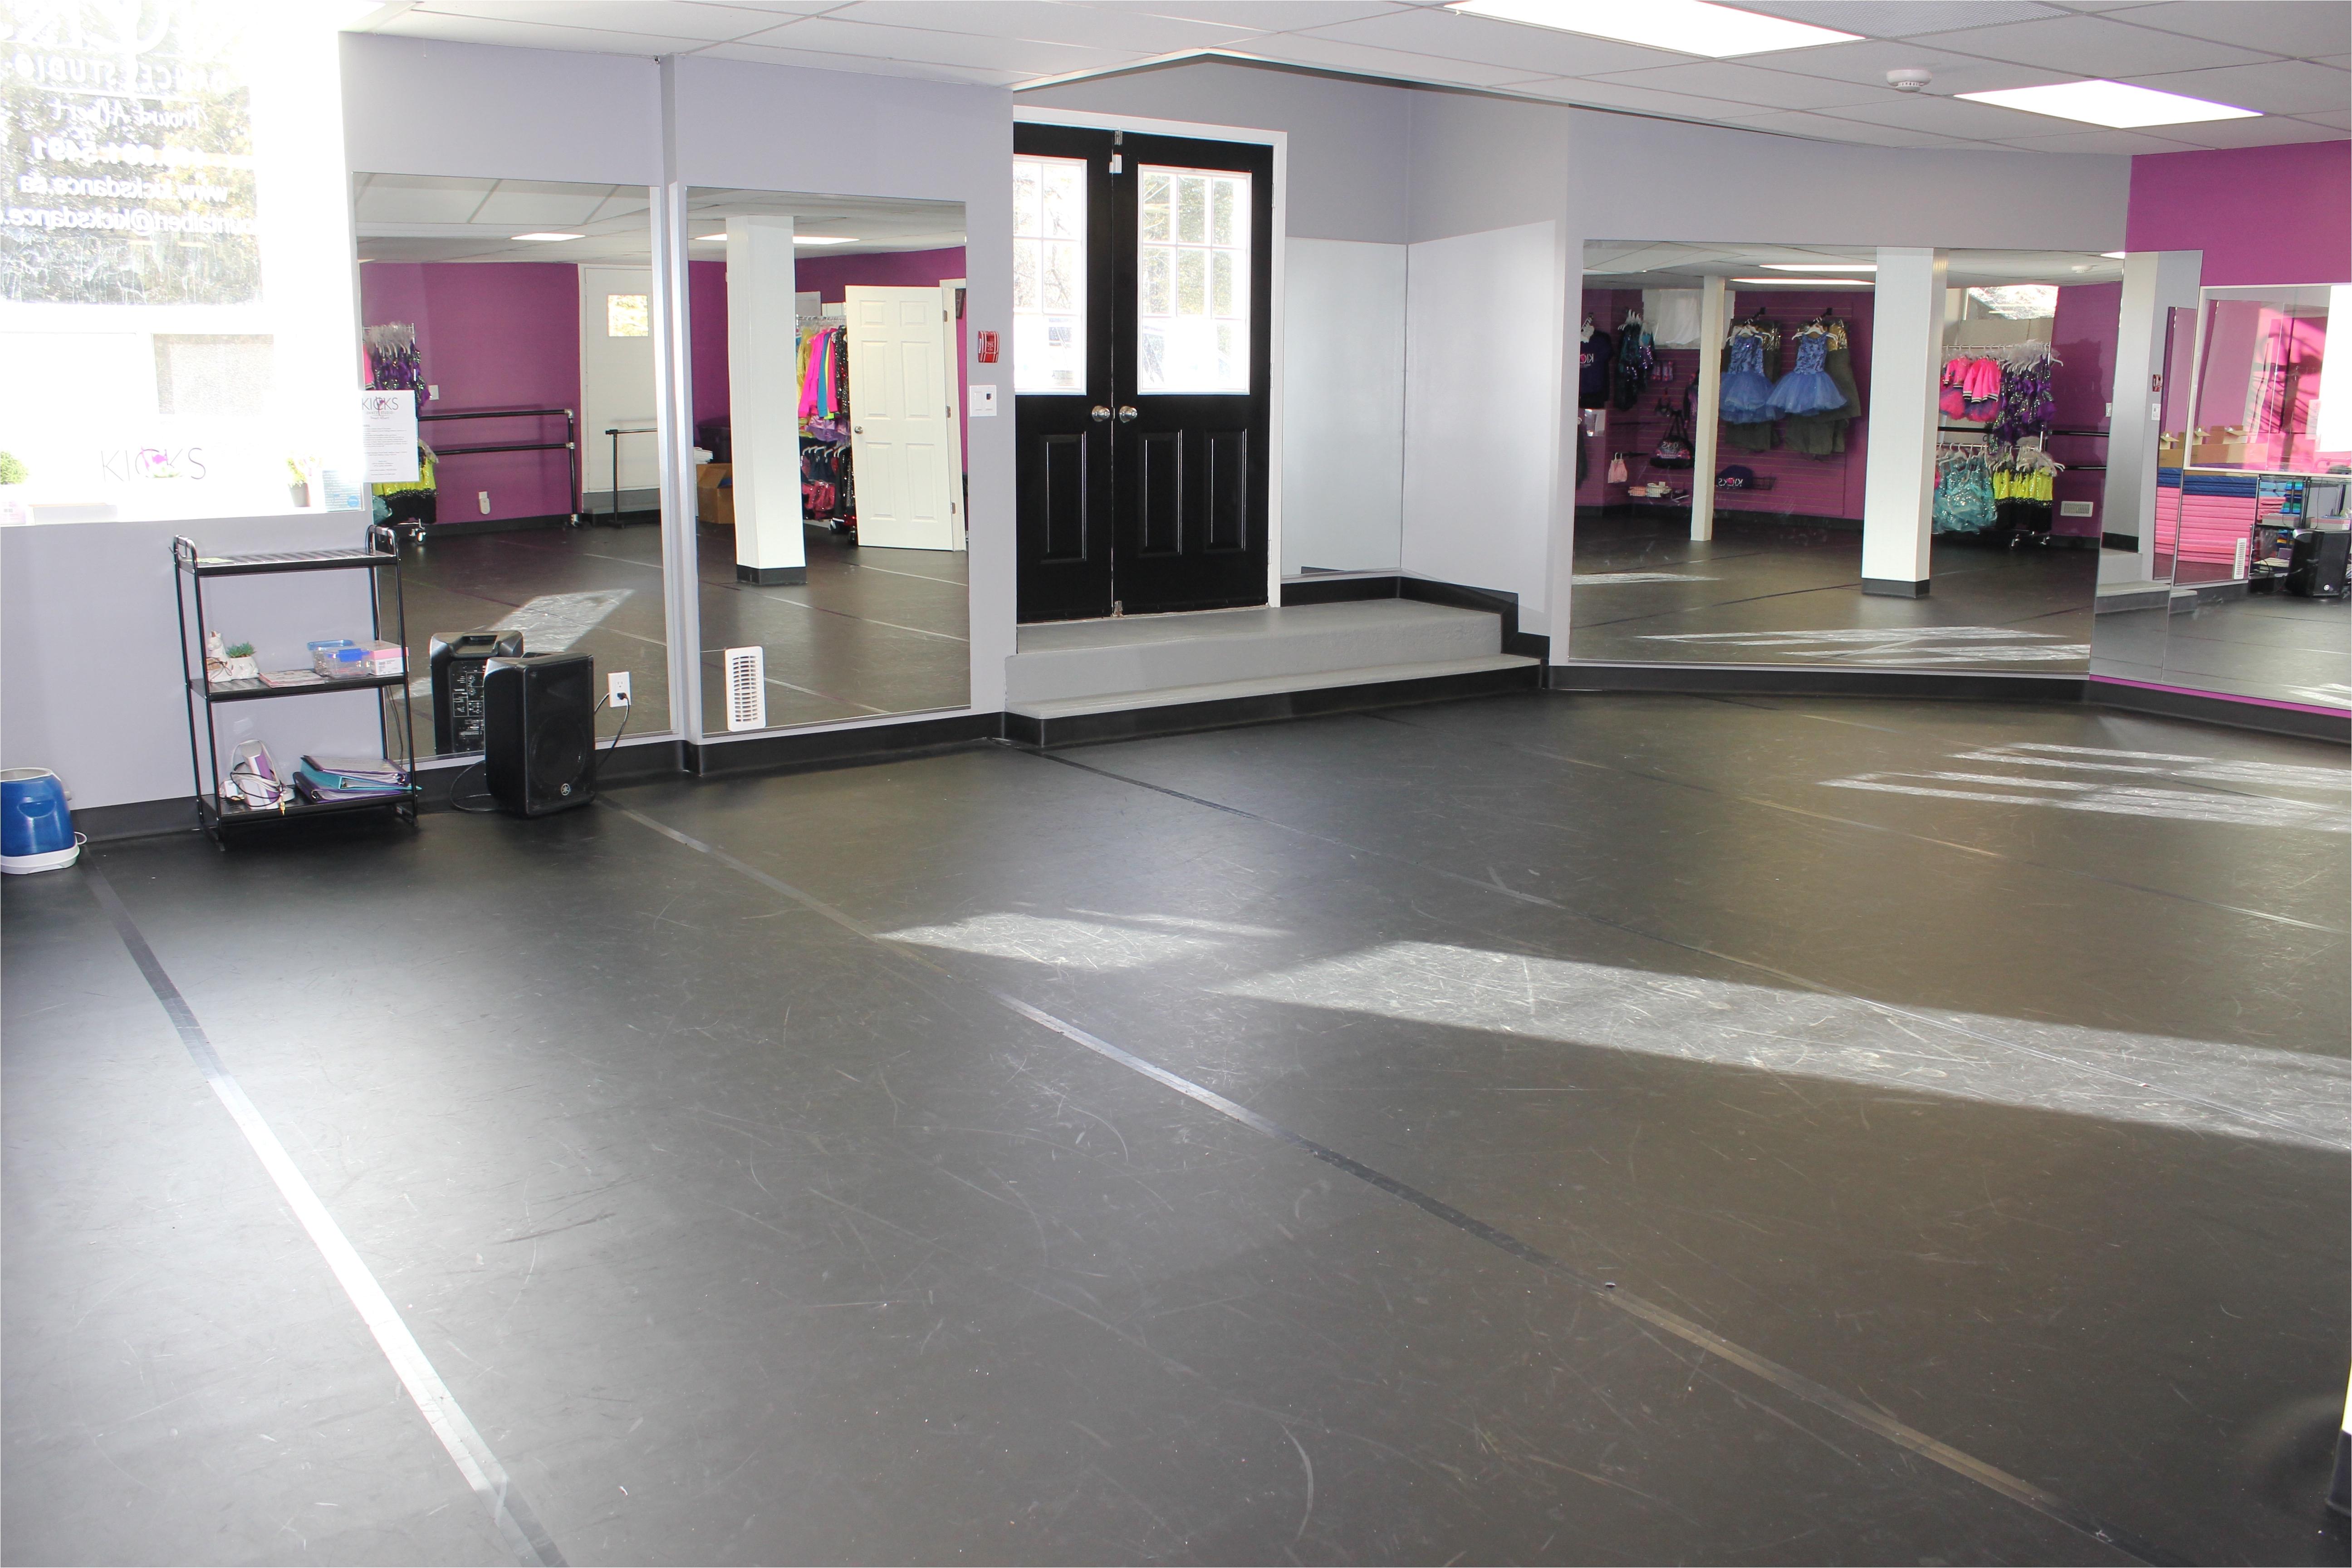 Rosco Dance Floor Dance Studio Mount Albert Kicks Dance Studio Mount Albert Facility